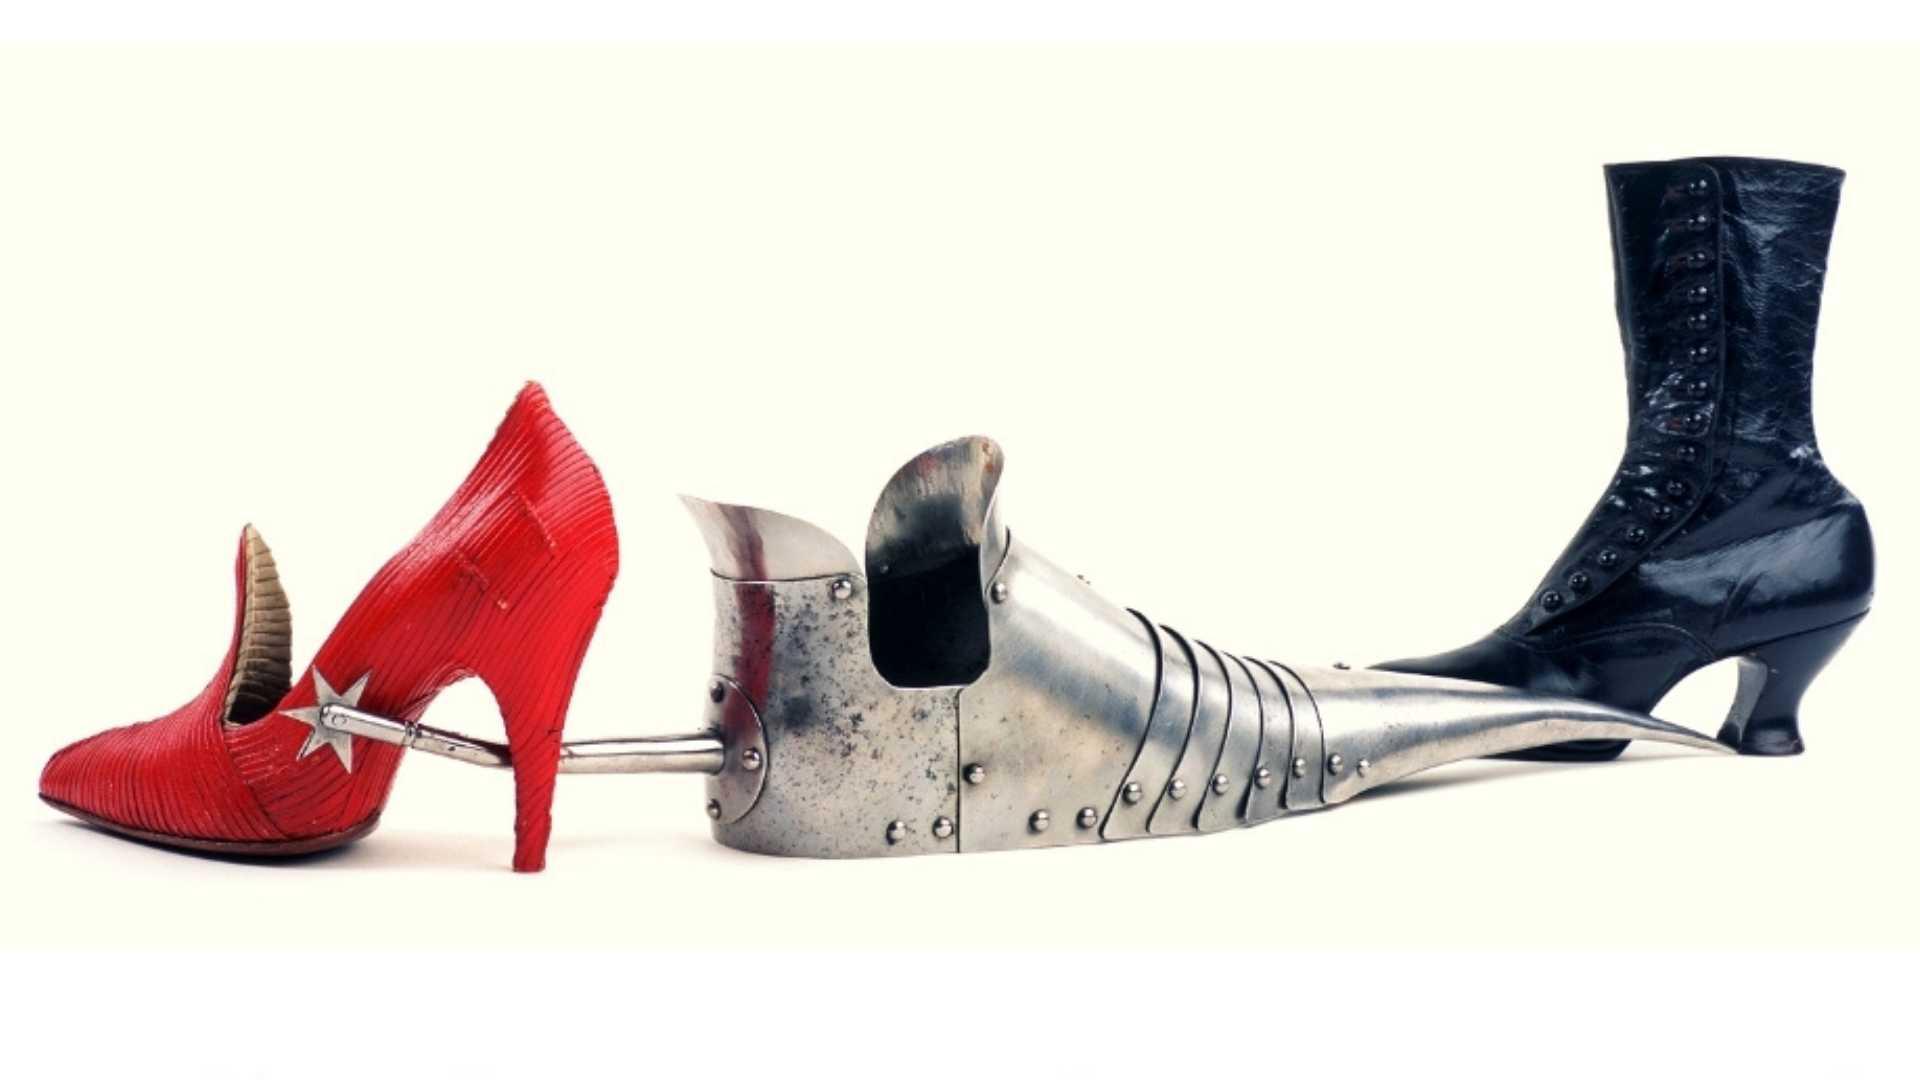 fundación cultural privada museo del calzado